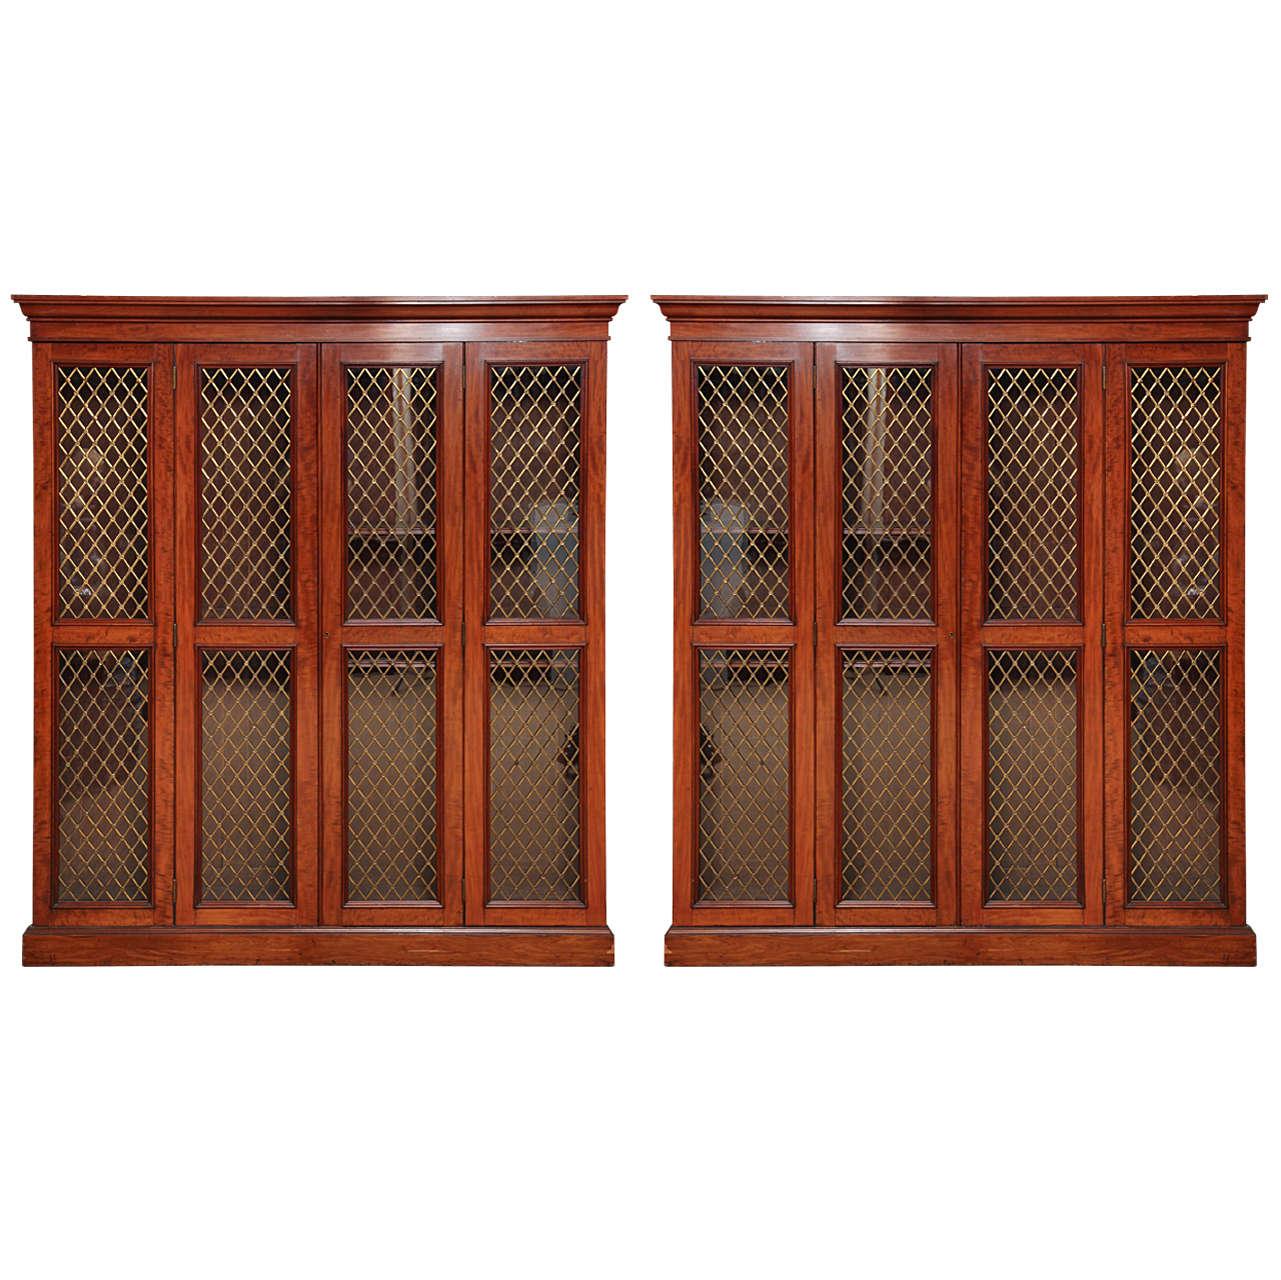 Pair of 19th Century Scottish, Four Door, Grillwork Bookcases